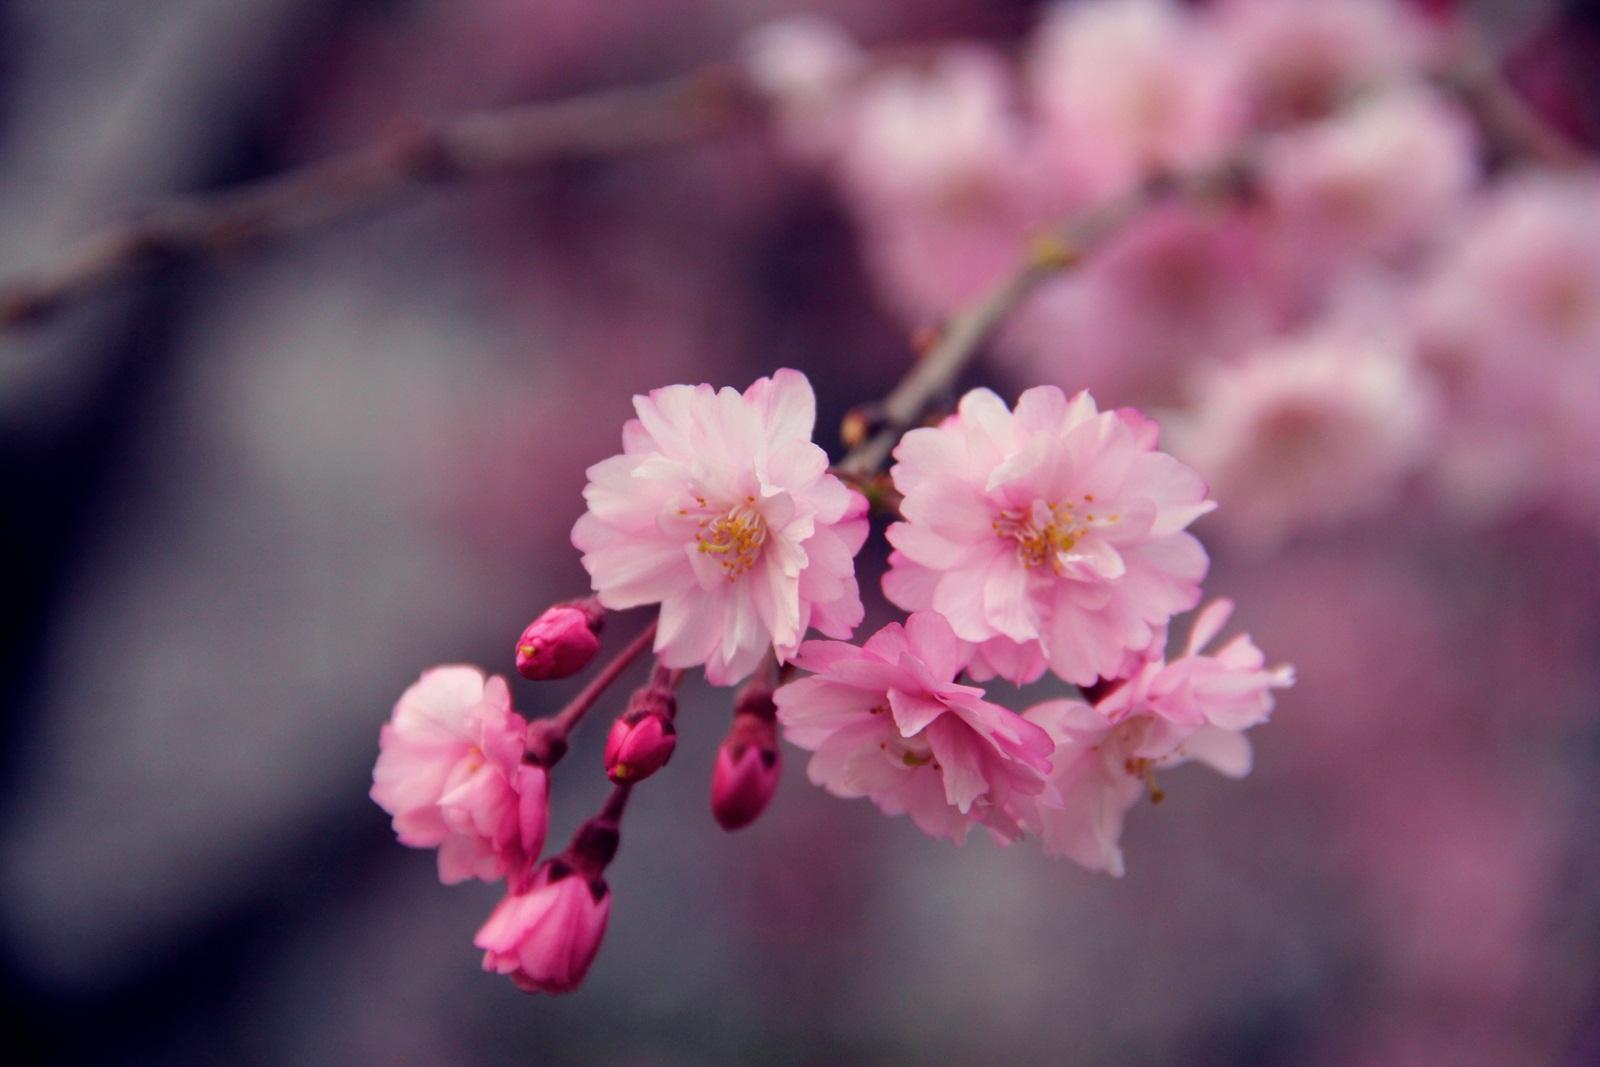 ふくいのさくら@ふくい桜まつり 越前時代行列